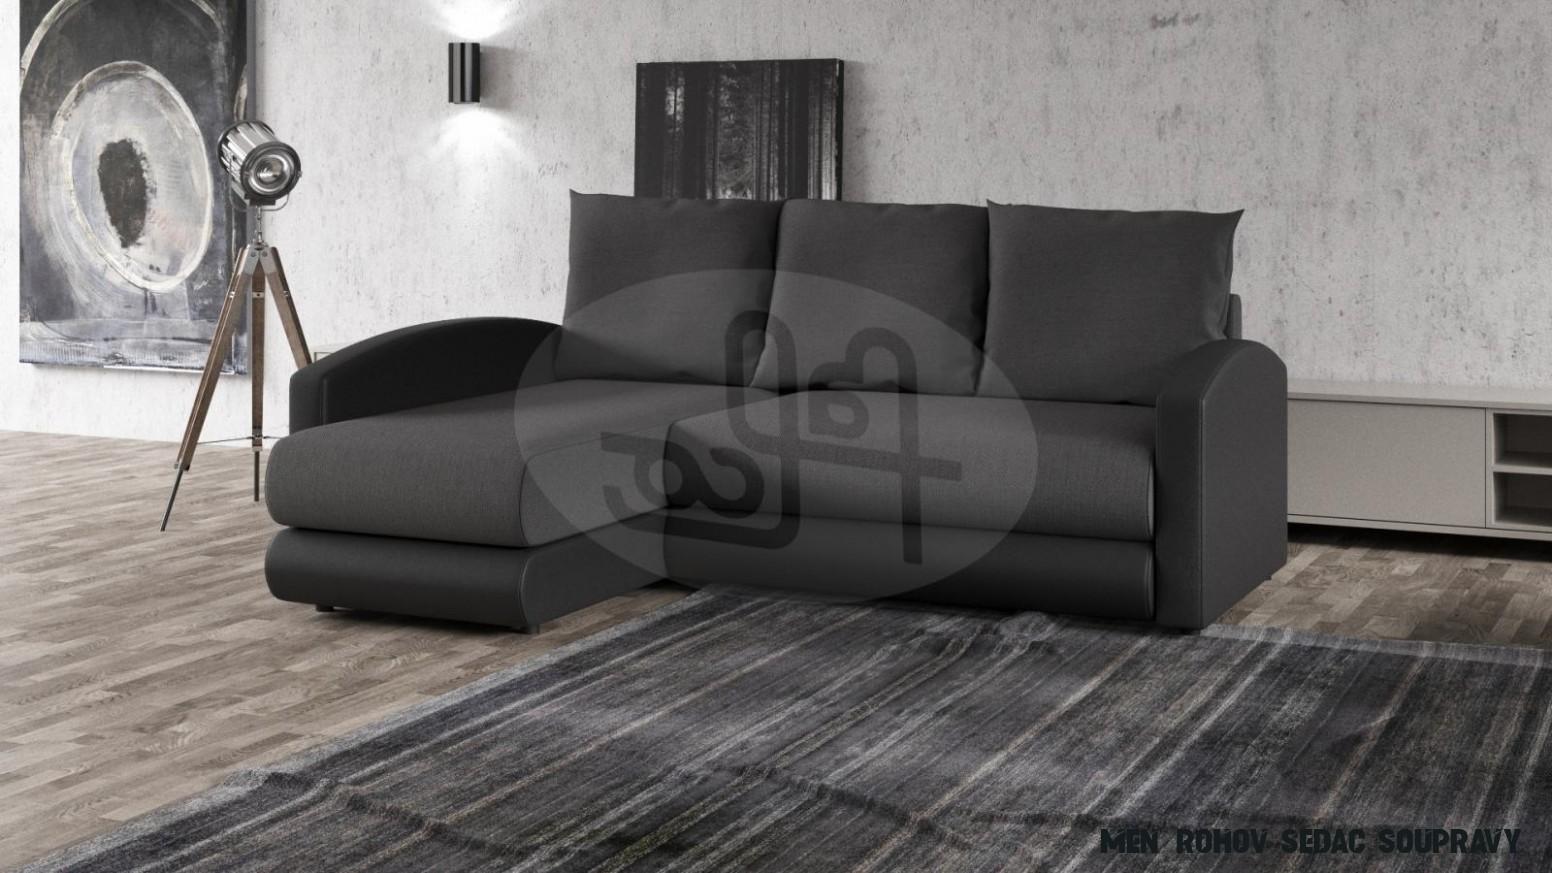 sedací souprava - Velkoobchod bytového nábytku  velkoobchod s